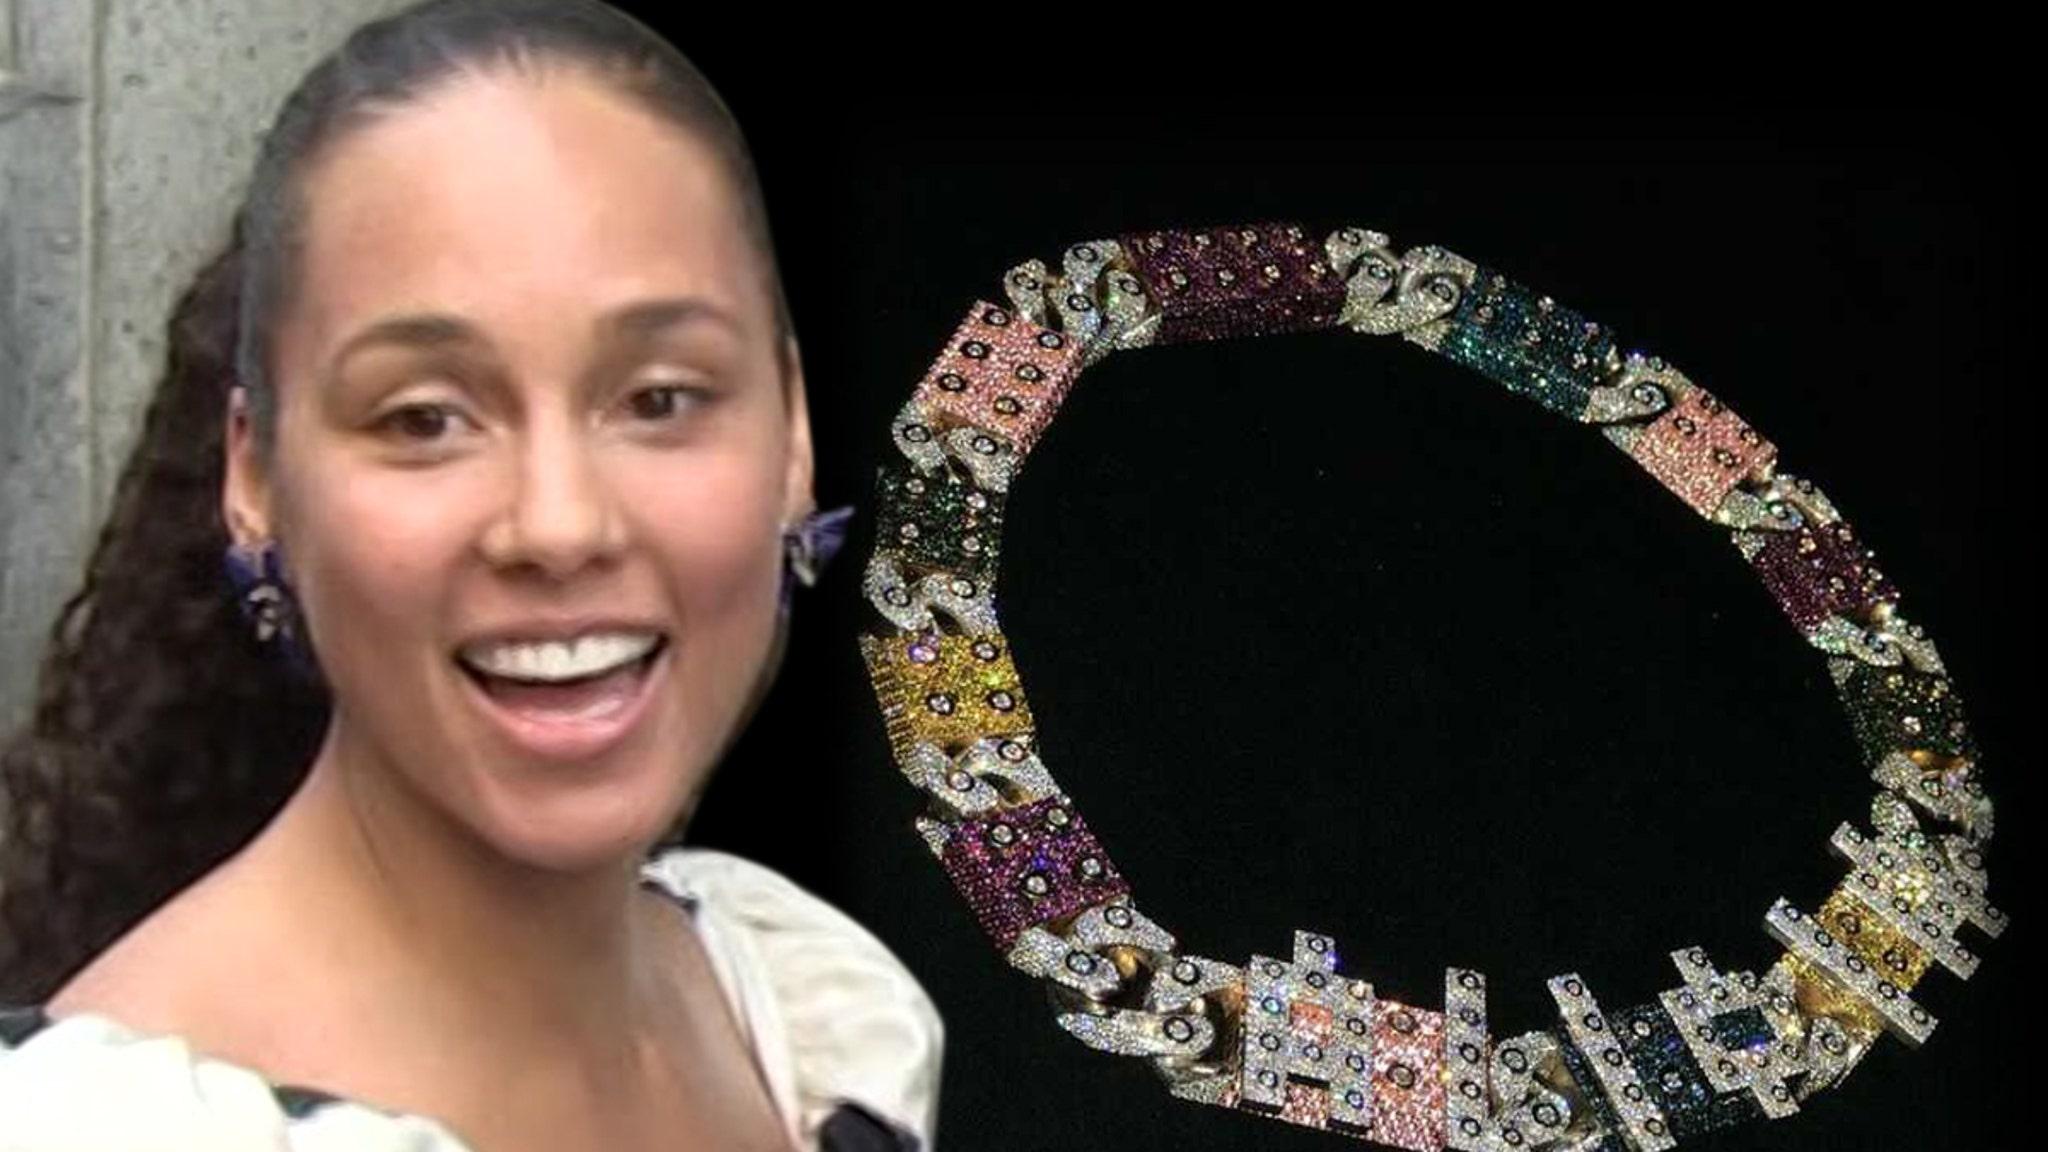 Swizz Beatz Gifts Alicia Keys Pricey LEGO-Themed Link Chain - TMZ